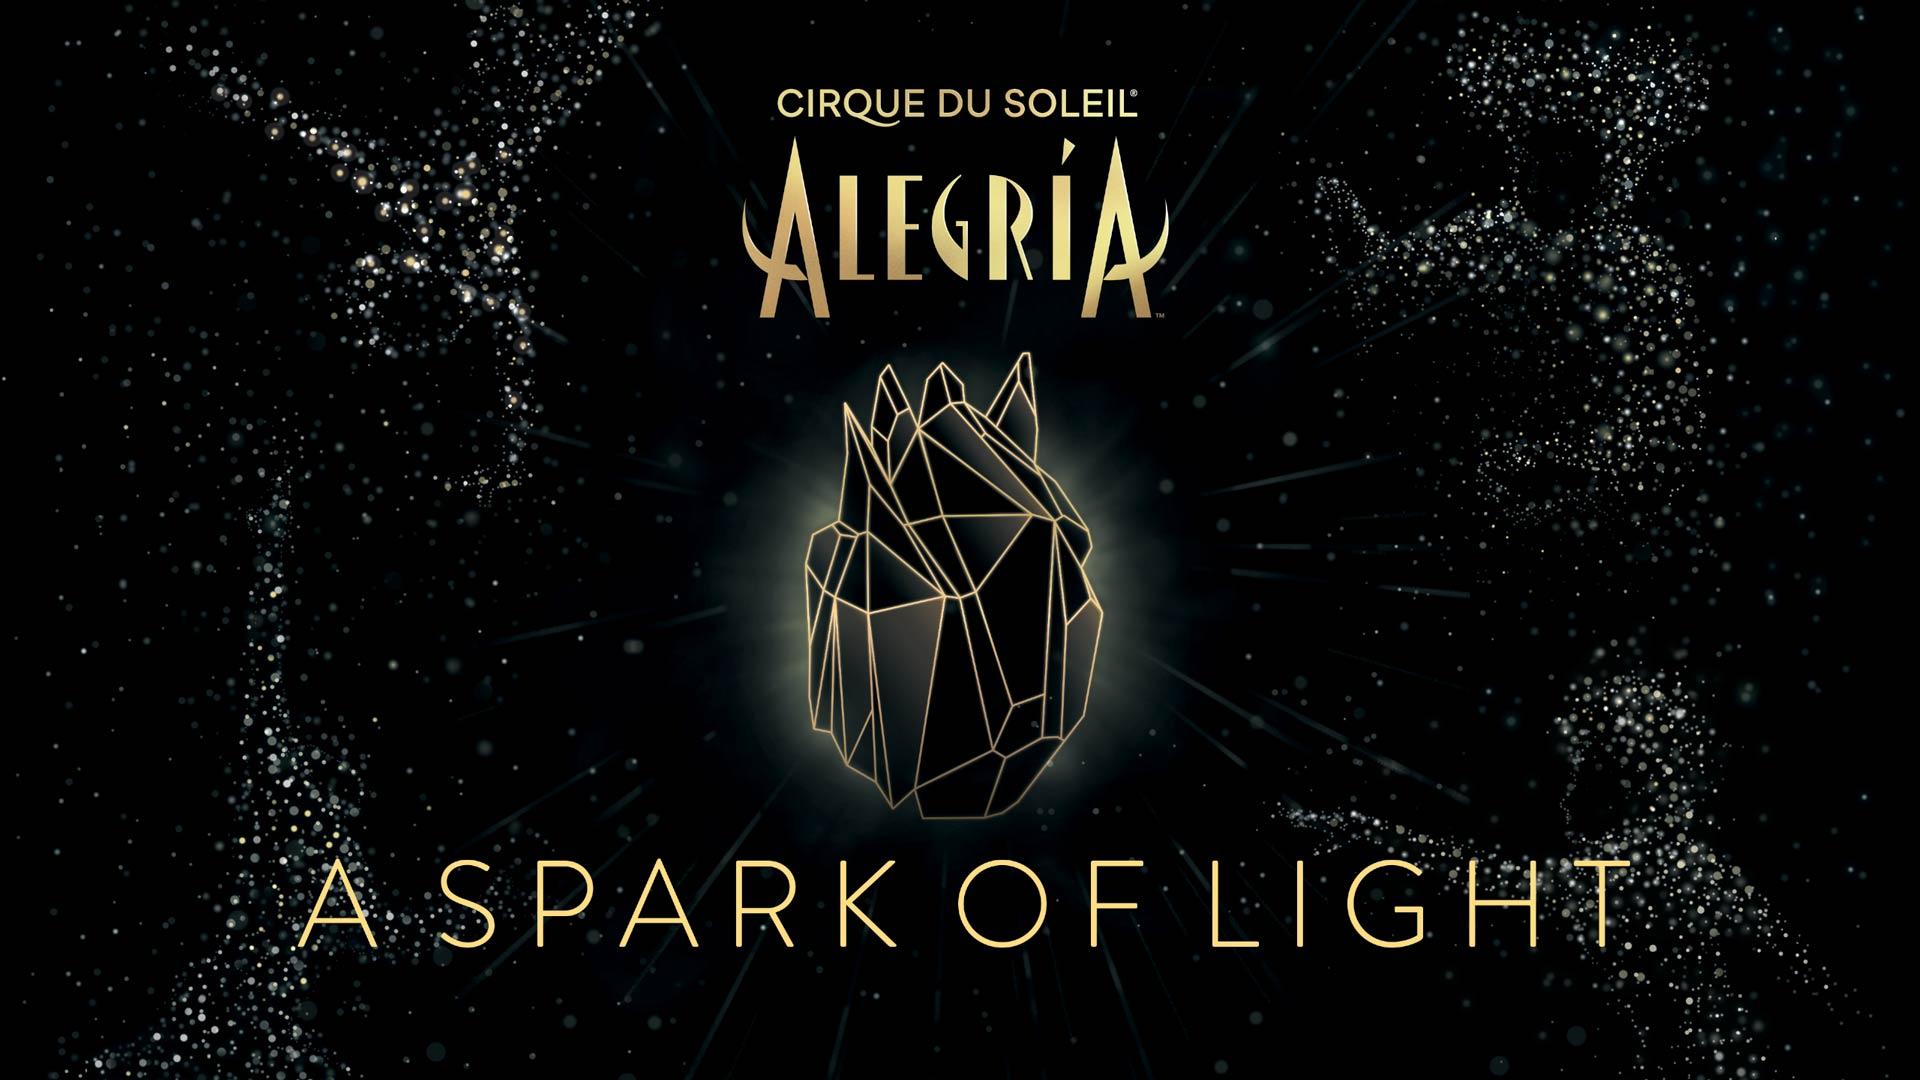 Cirque du Soleil's Alegria - A Spark of Light